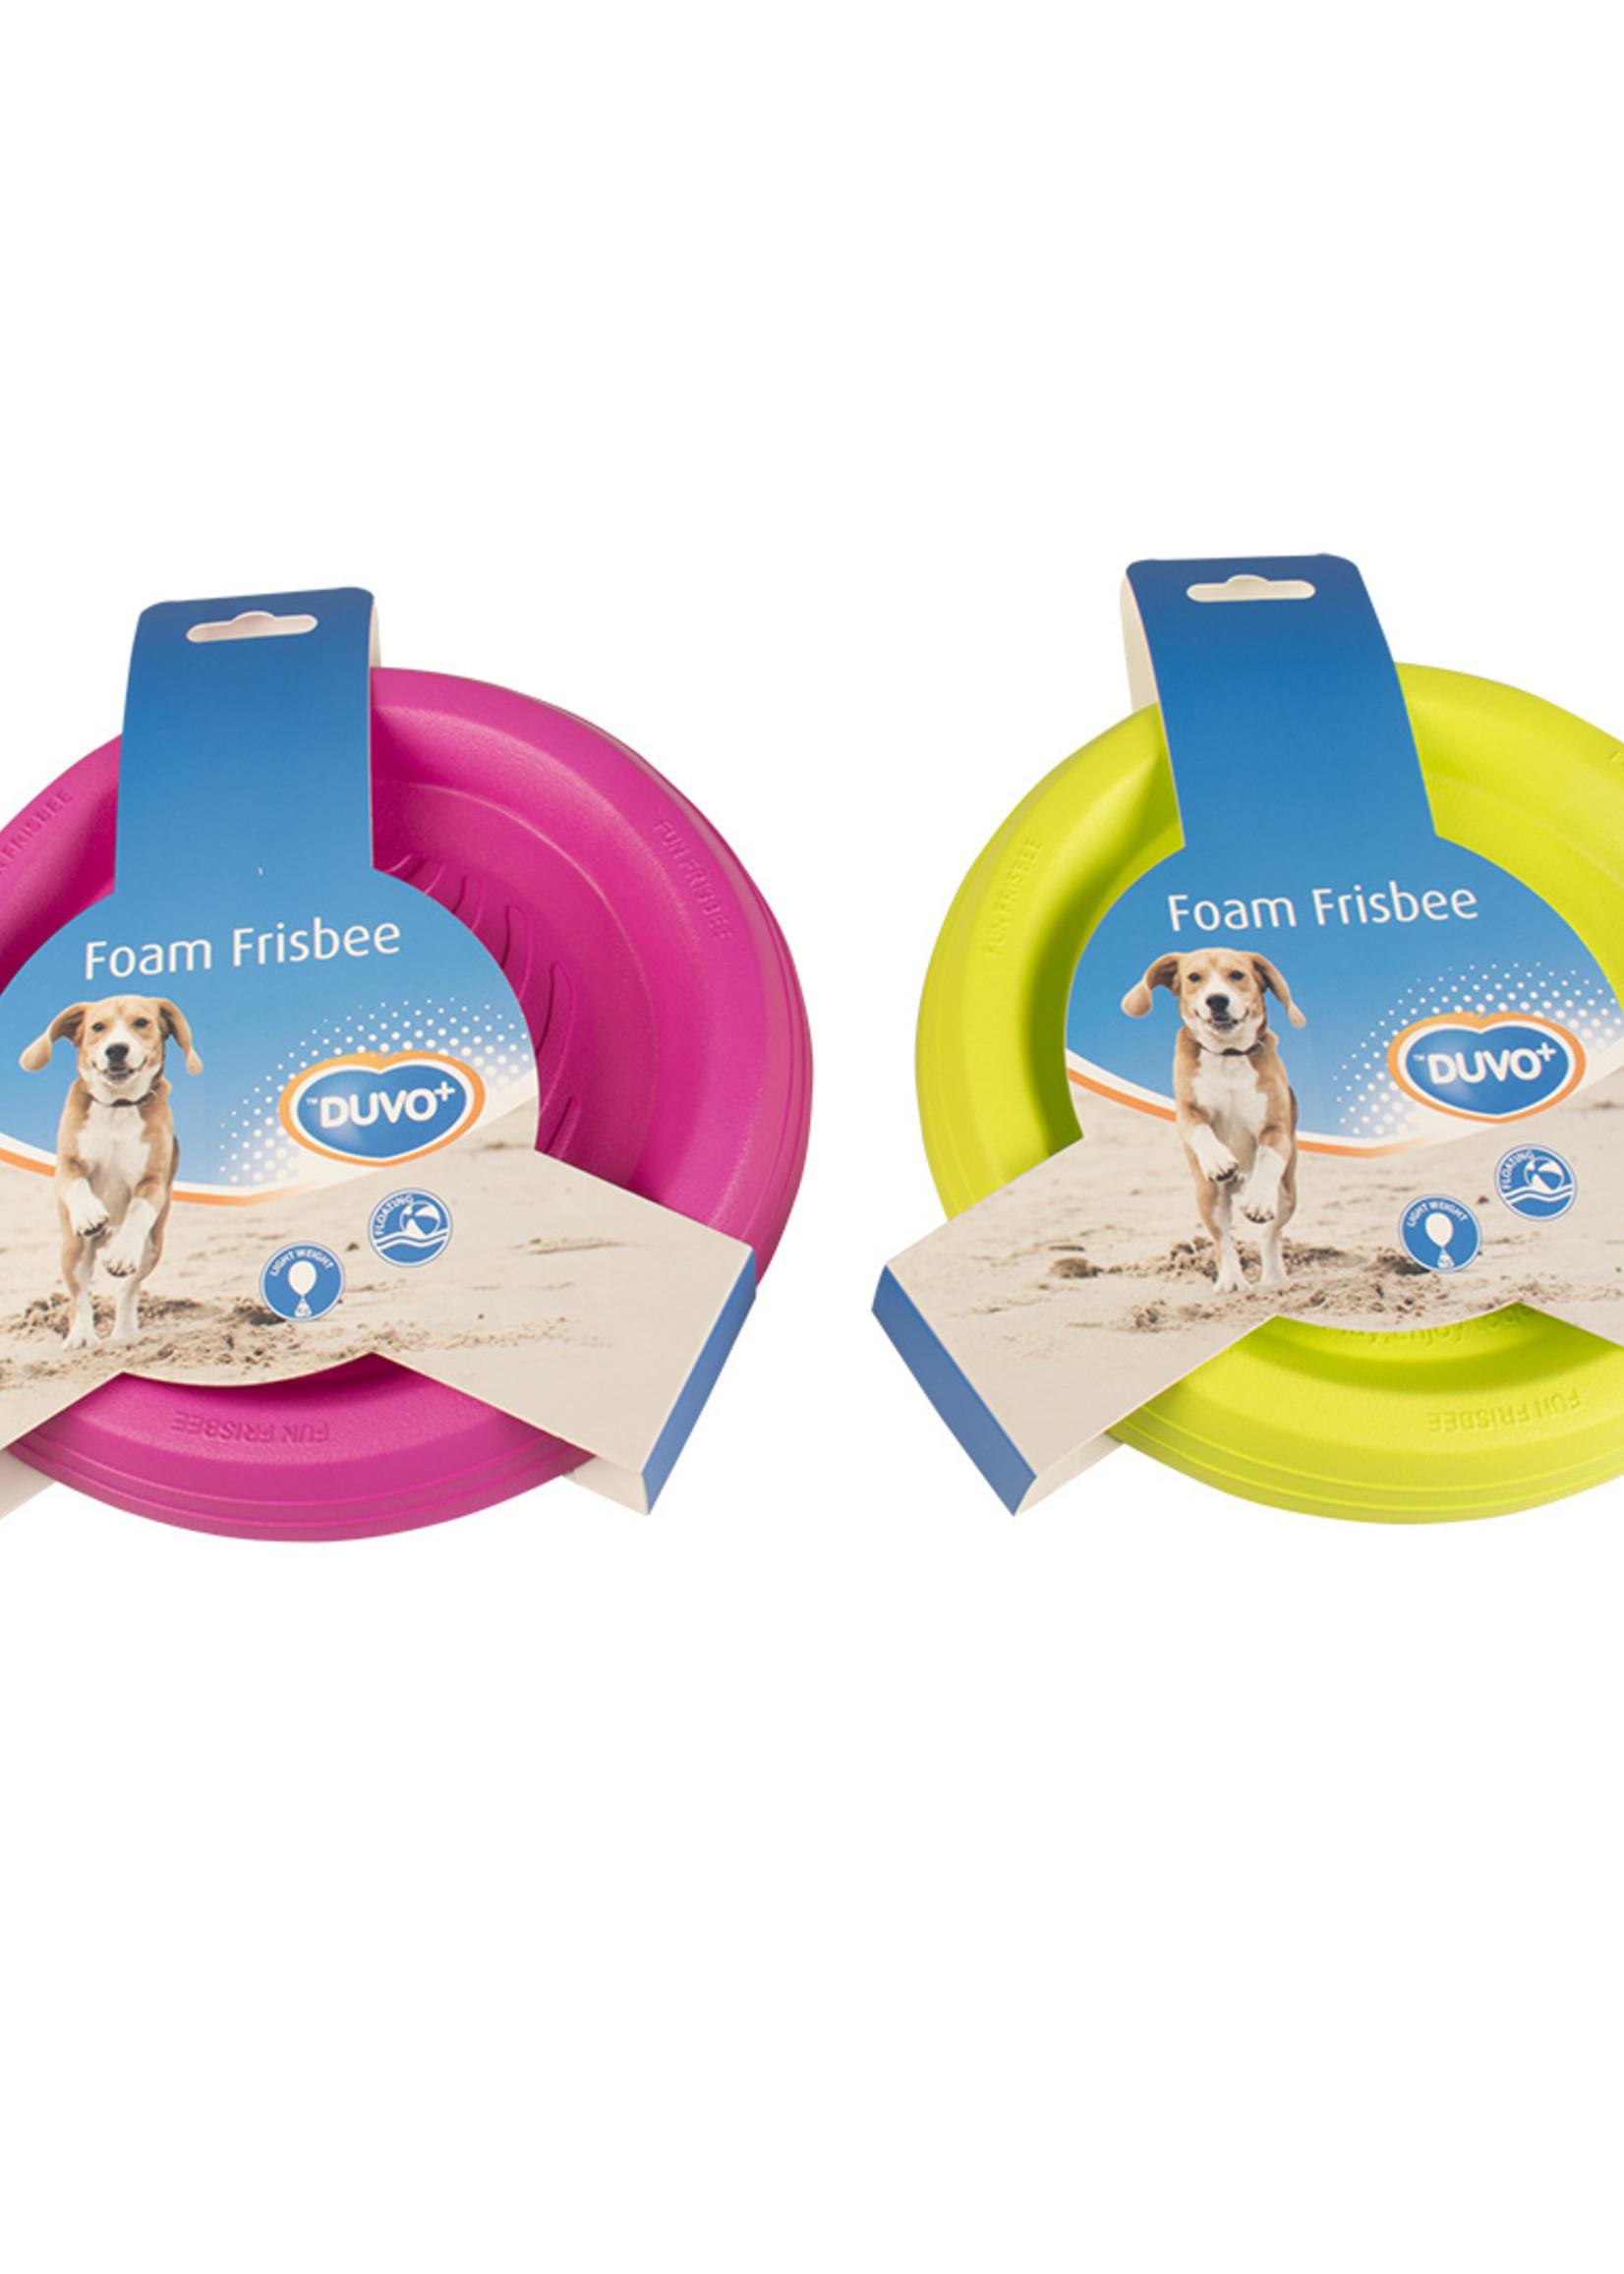 Duvo+ Foam frisbee